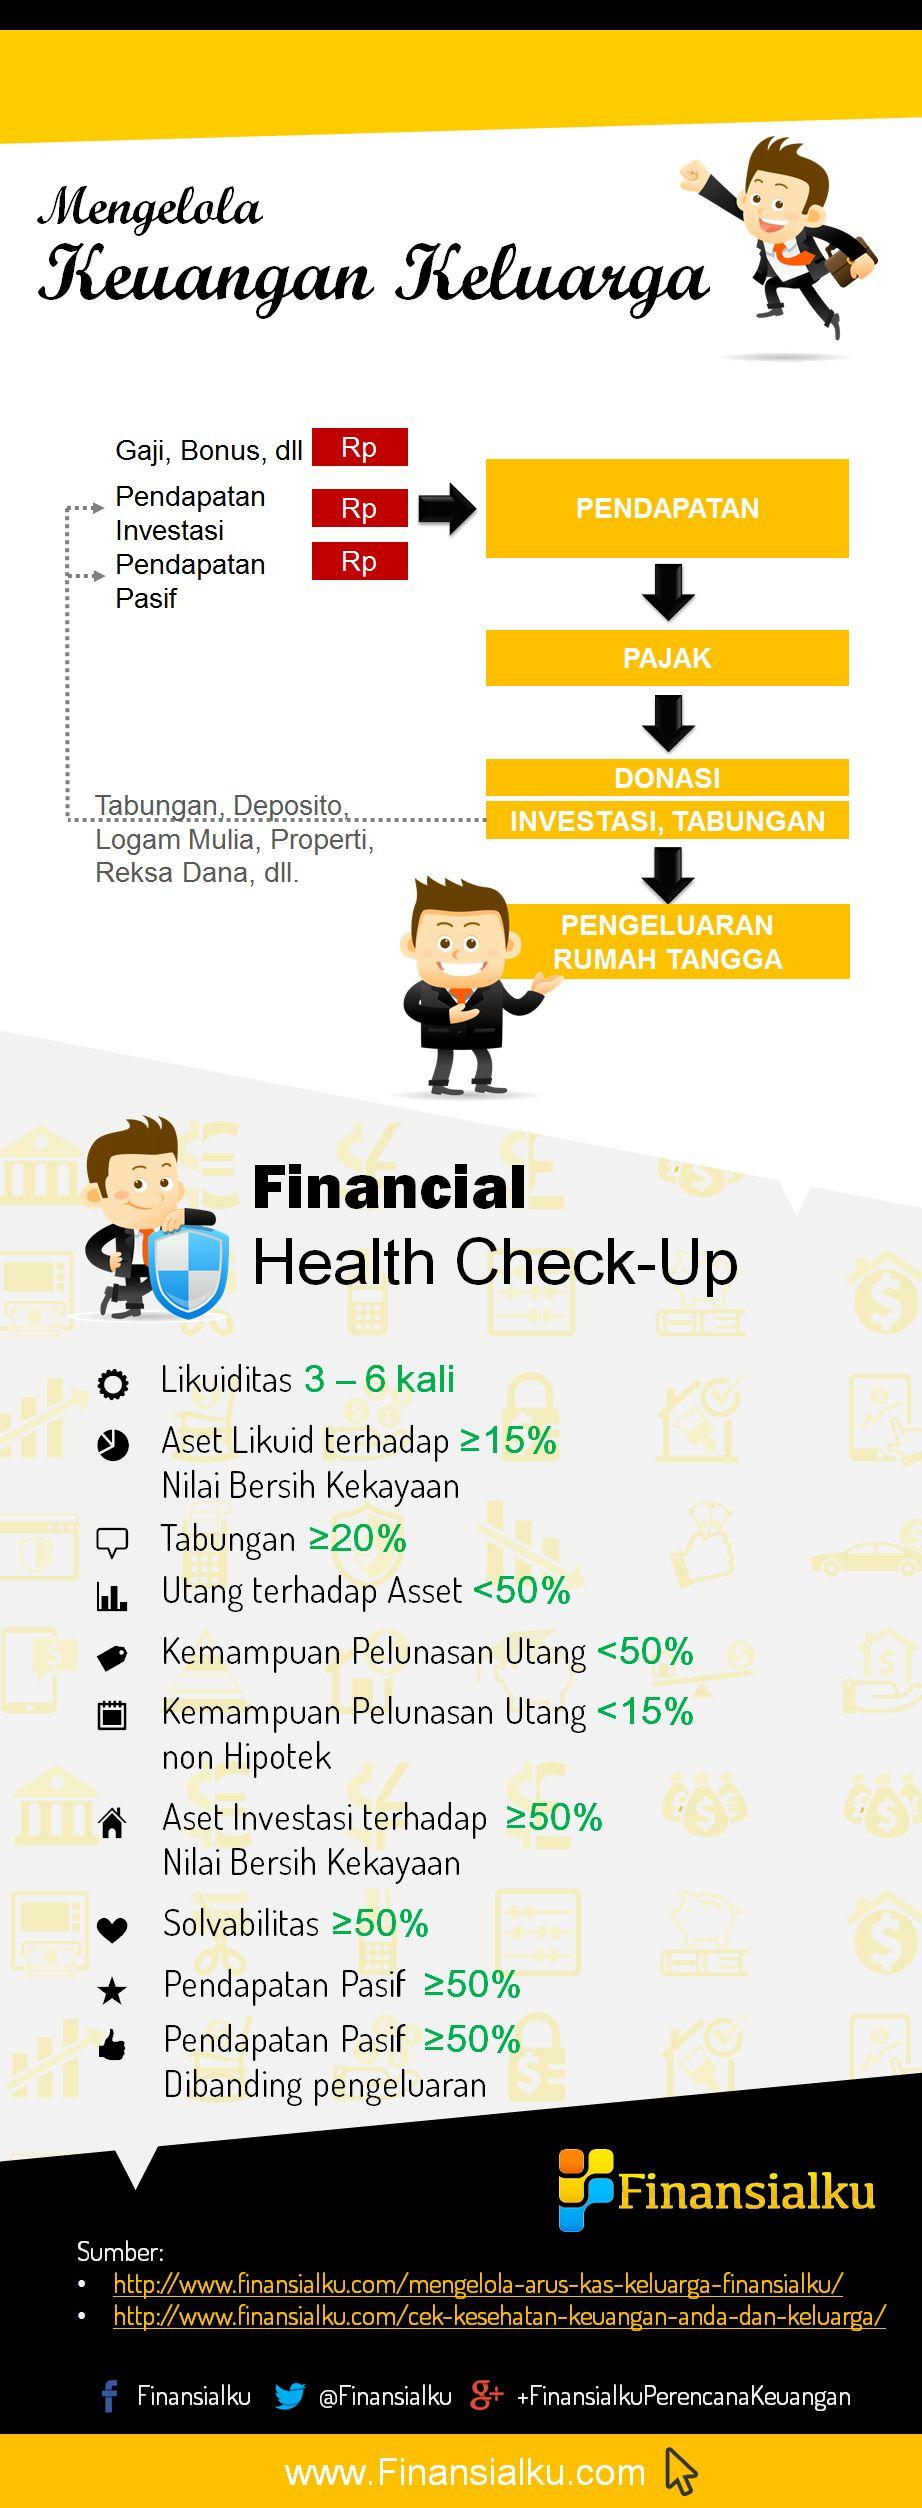 Apakah Keuangan Keluarga Anda sudah Sehat? (Infographic